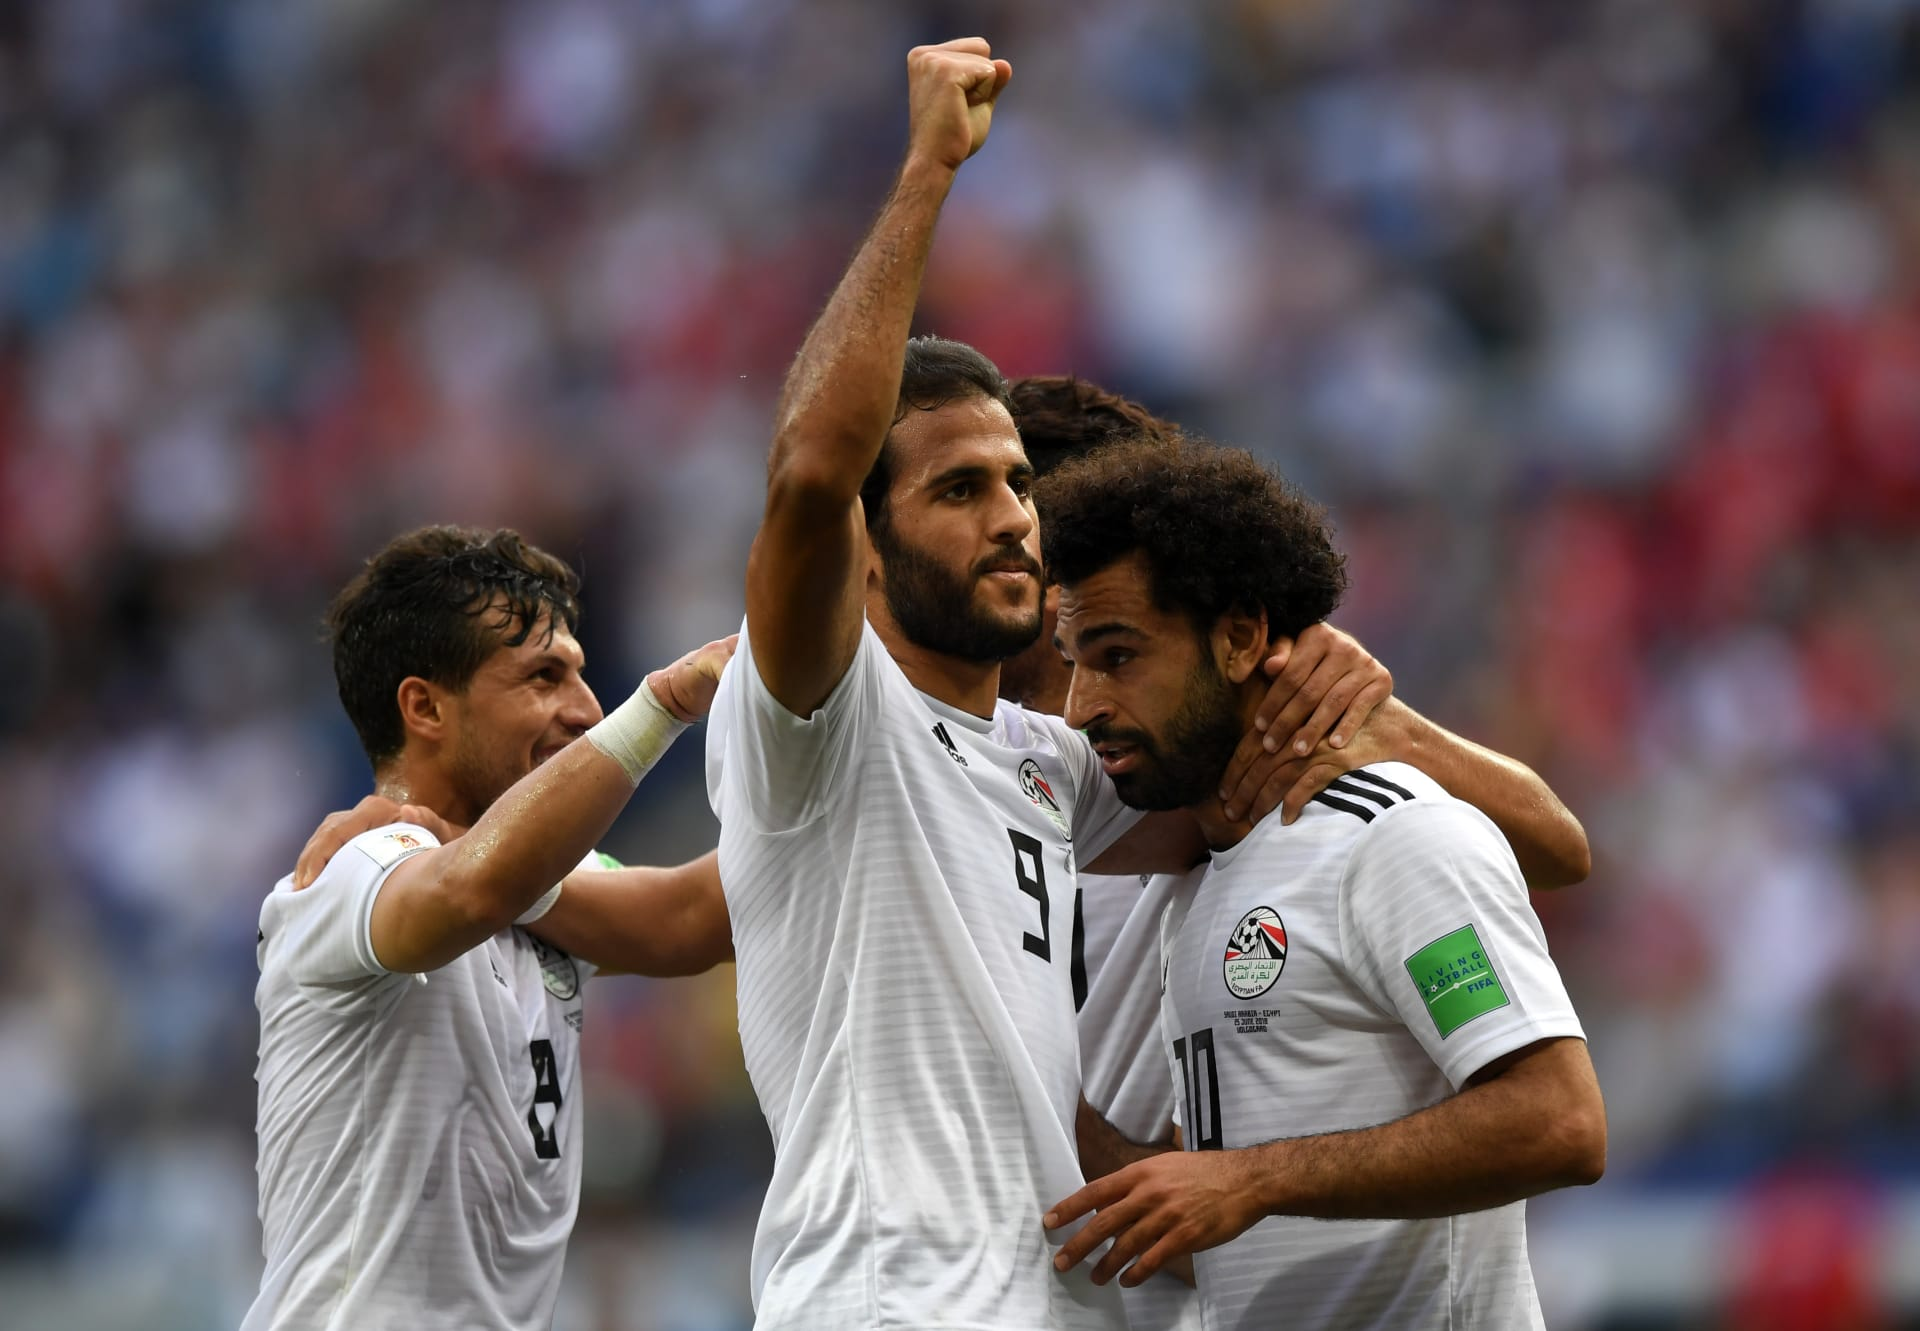 محمد صلاح يسجل أول أهداف مصر في مرمى السعودية